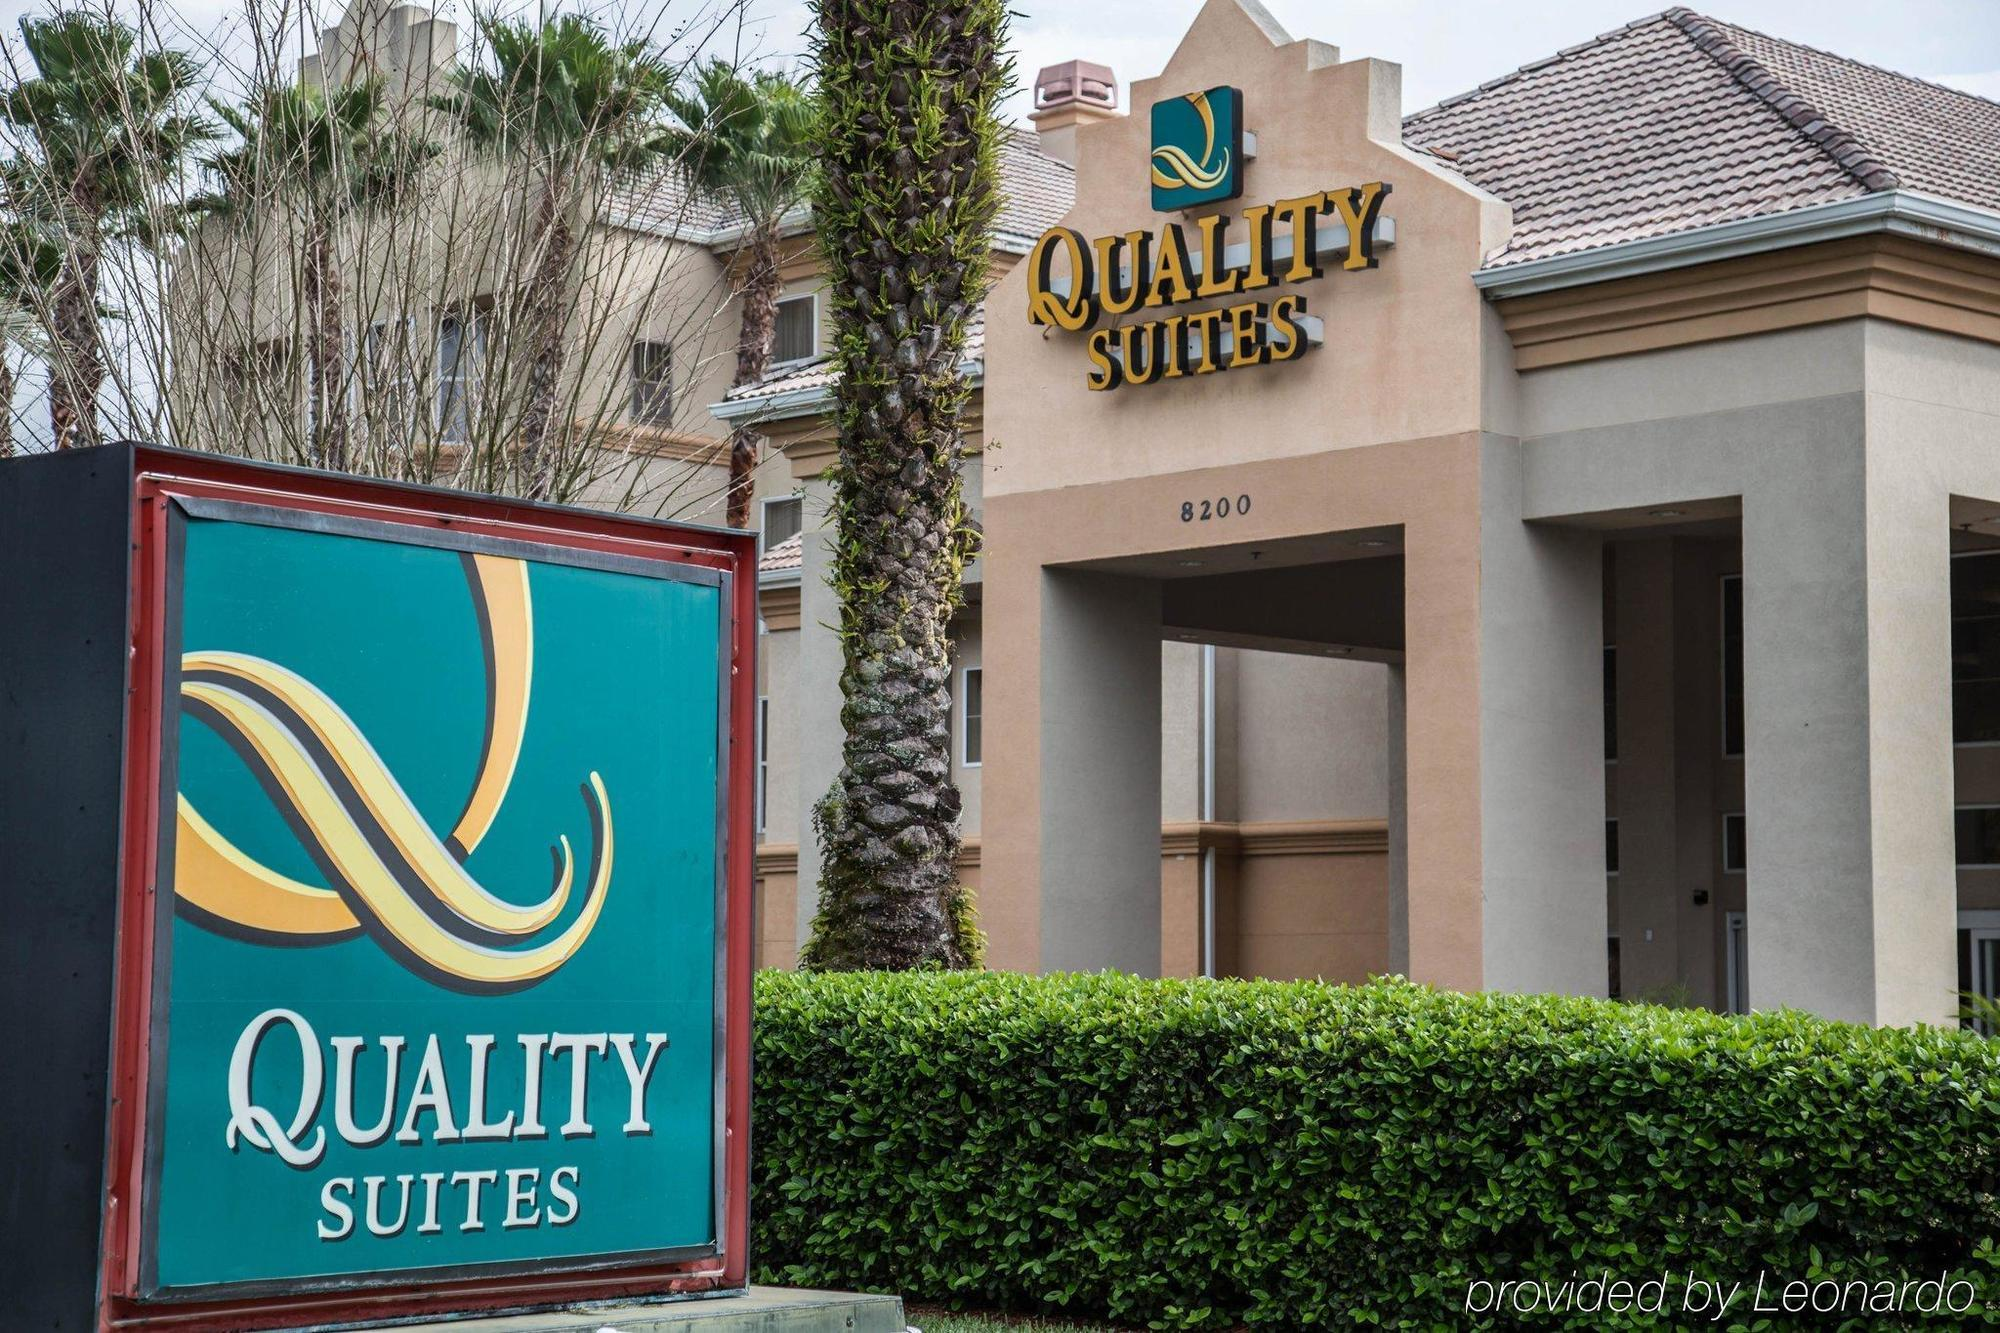 フロリダディズニー旅行・子連れ一家にお勧めのホテルをご紹介